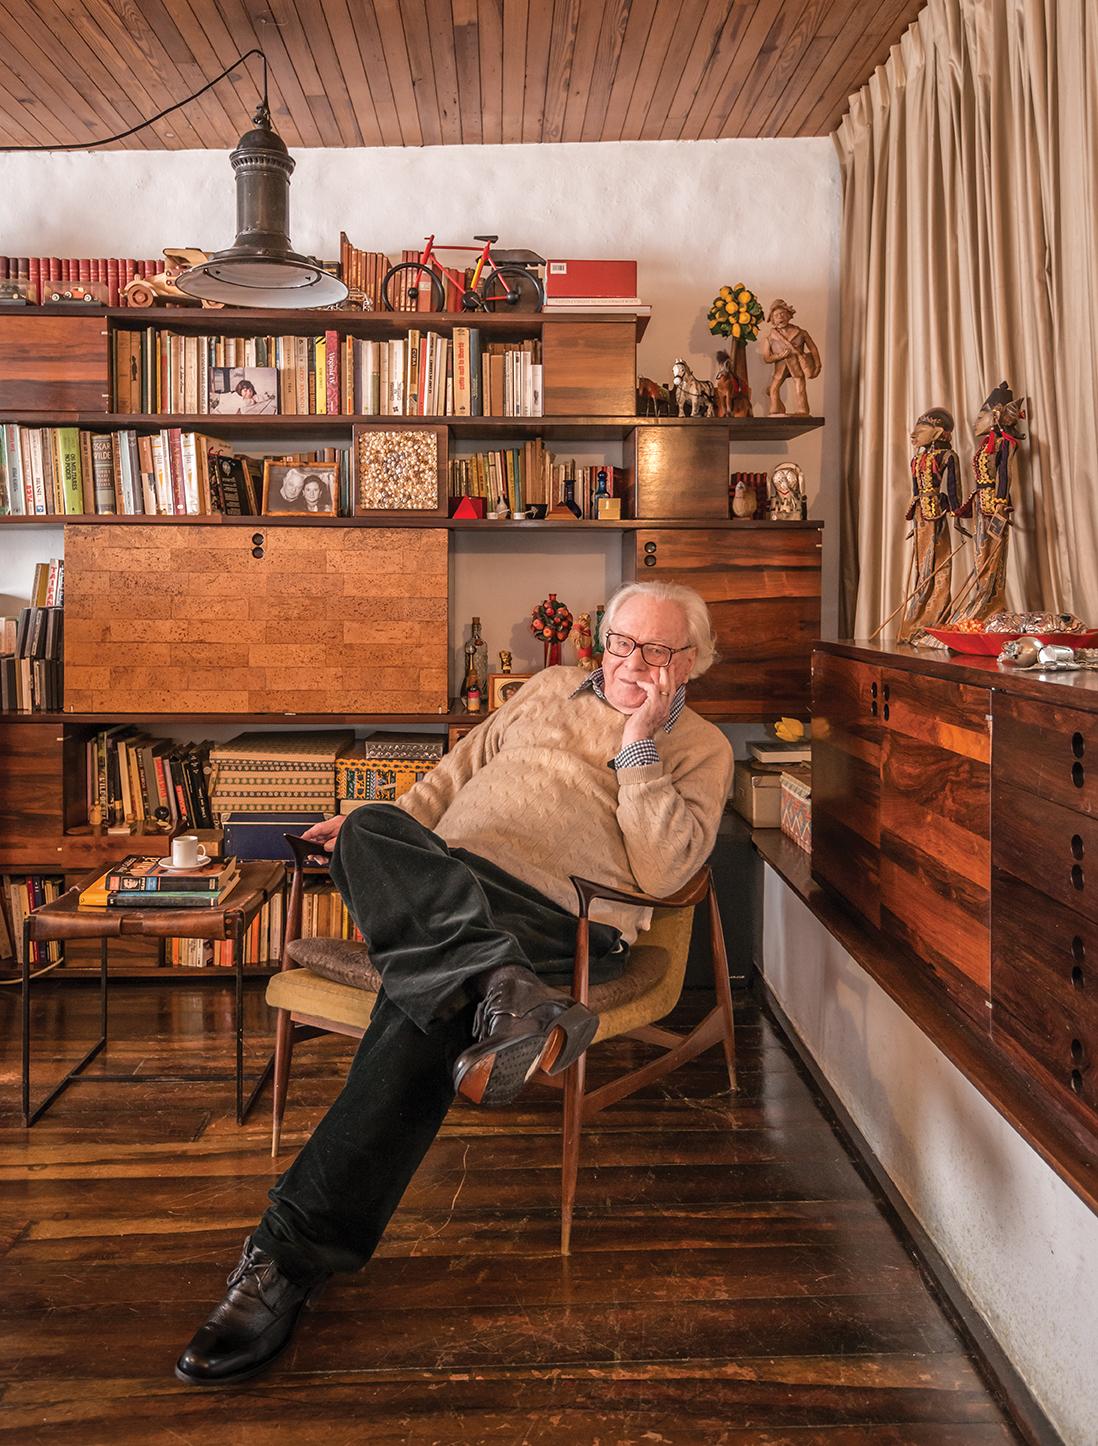 Designer Jorge Zalszupin